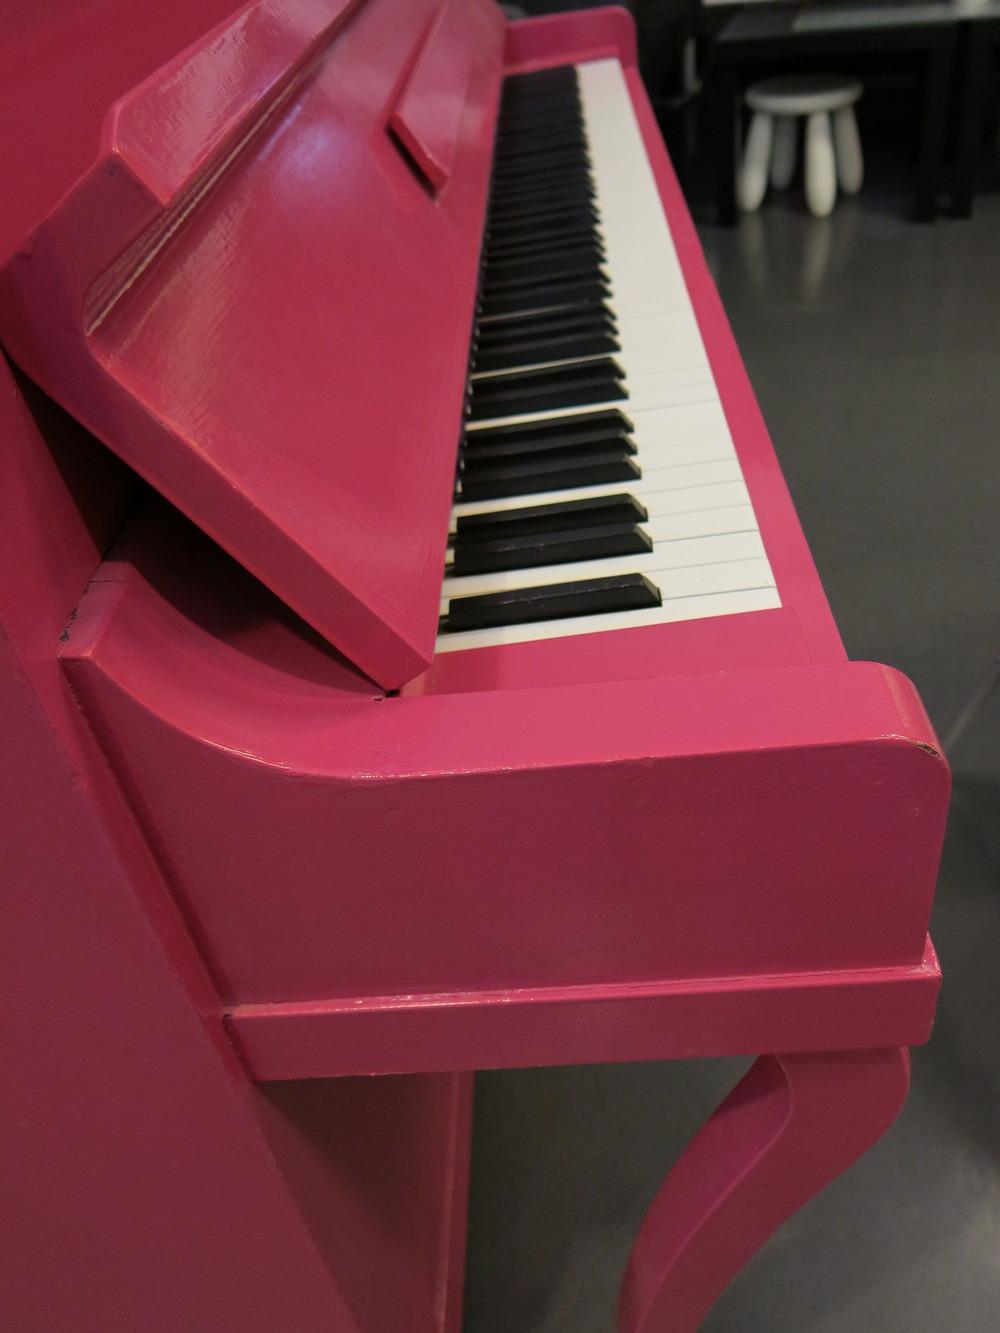 ROSA PÅ BALL : Det står der som et mektig skue. Som en magnet på barn som vil lære seg å spille piano. Malingsbransjen mener «hjemmemaling» av gamle pianoer er en god idé. Rosa er årets farge. − Å male et piano rosa, er som å gi det ungdommen tilbake, mener søstrene Helleseter.